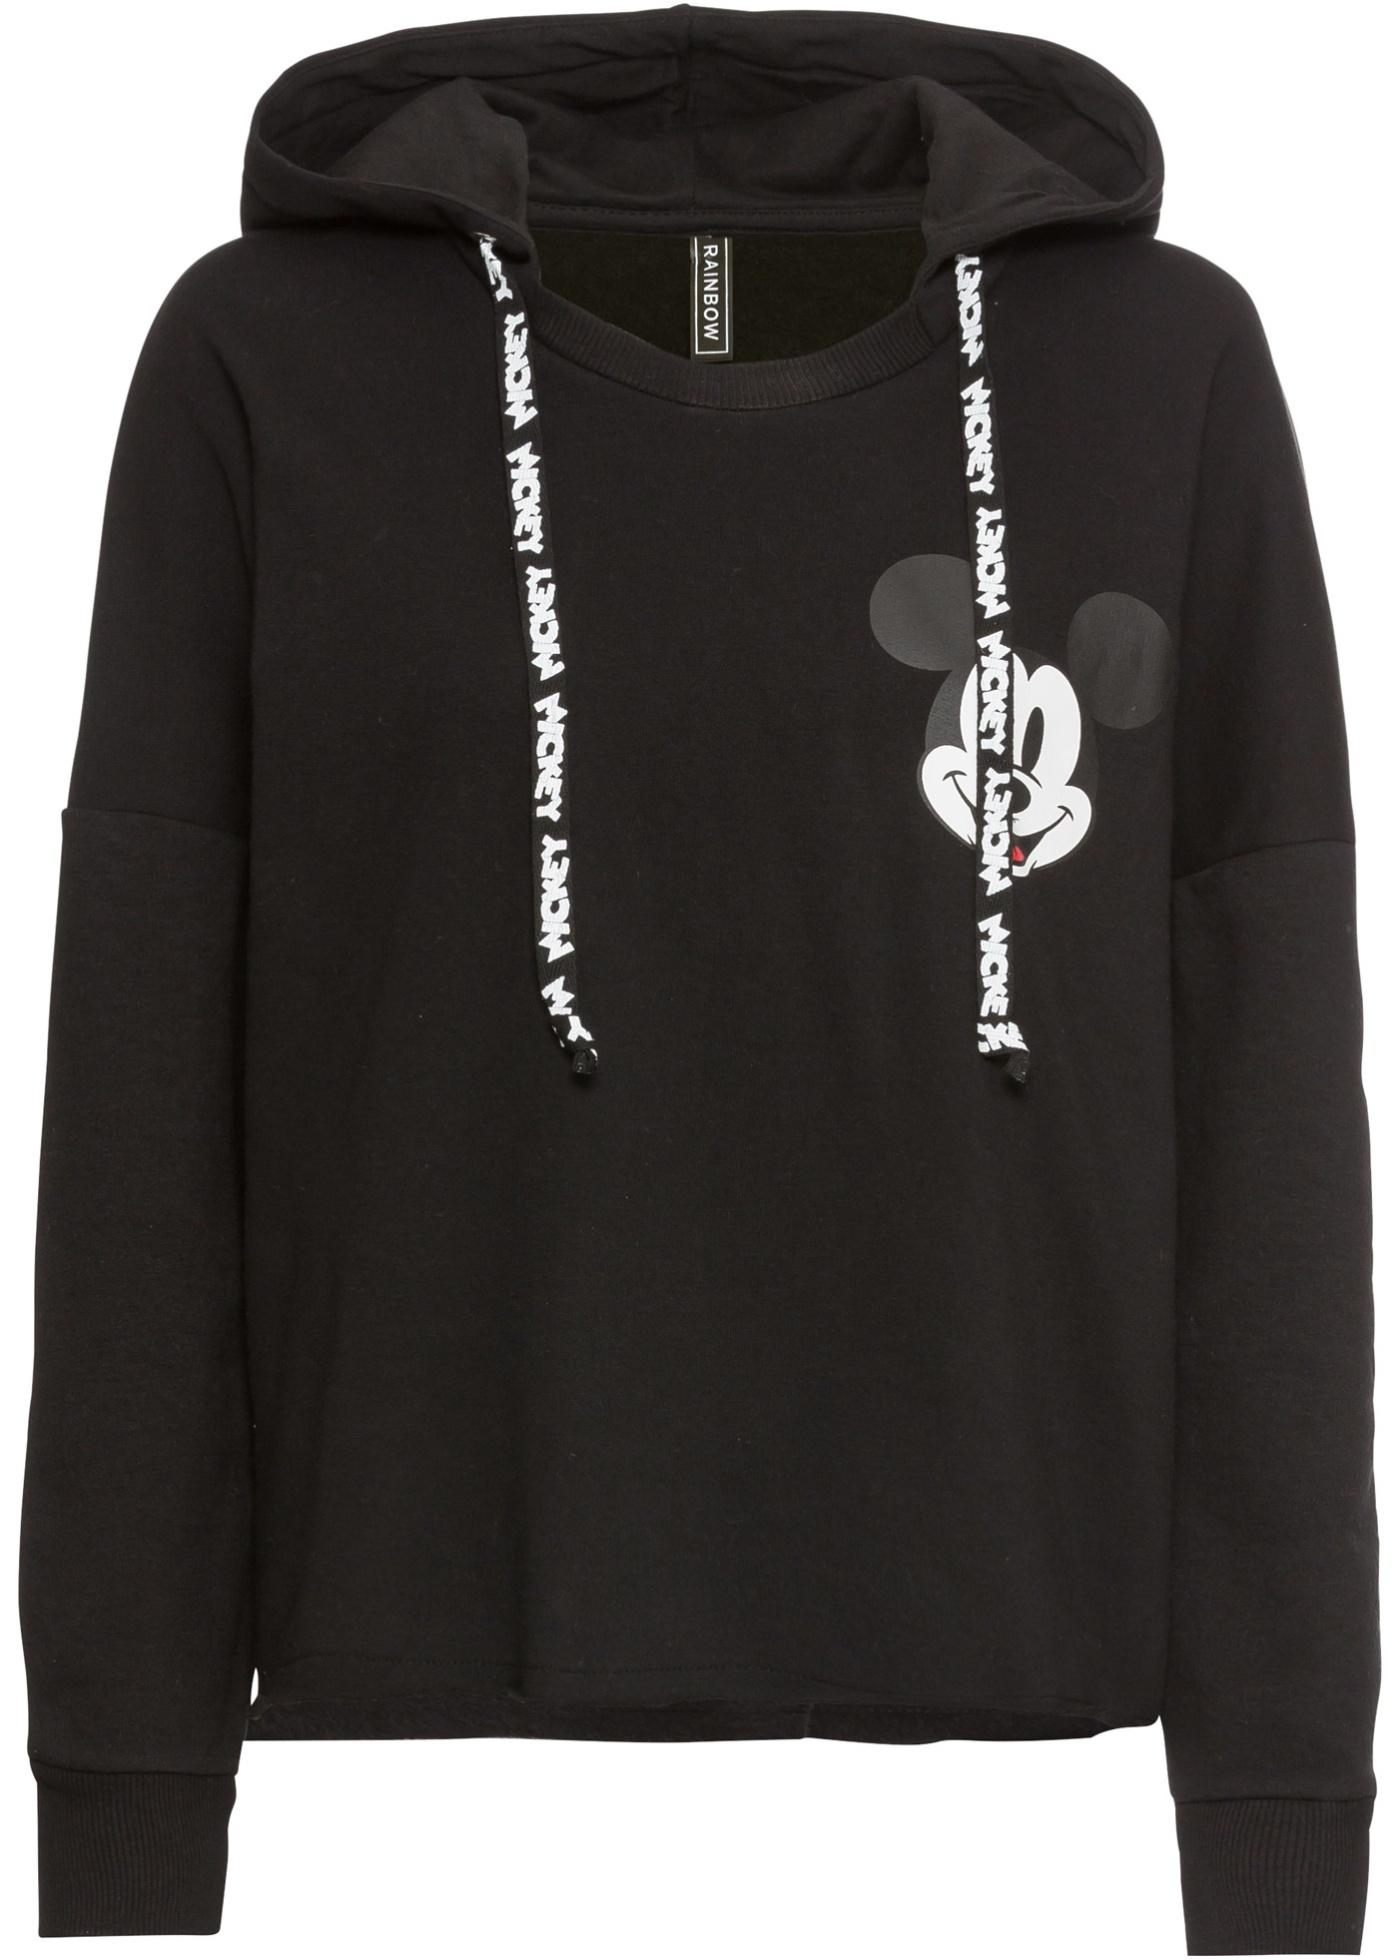 Felpa con cappuccio e stampa Mickey Mouse (Nero) - bonprix